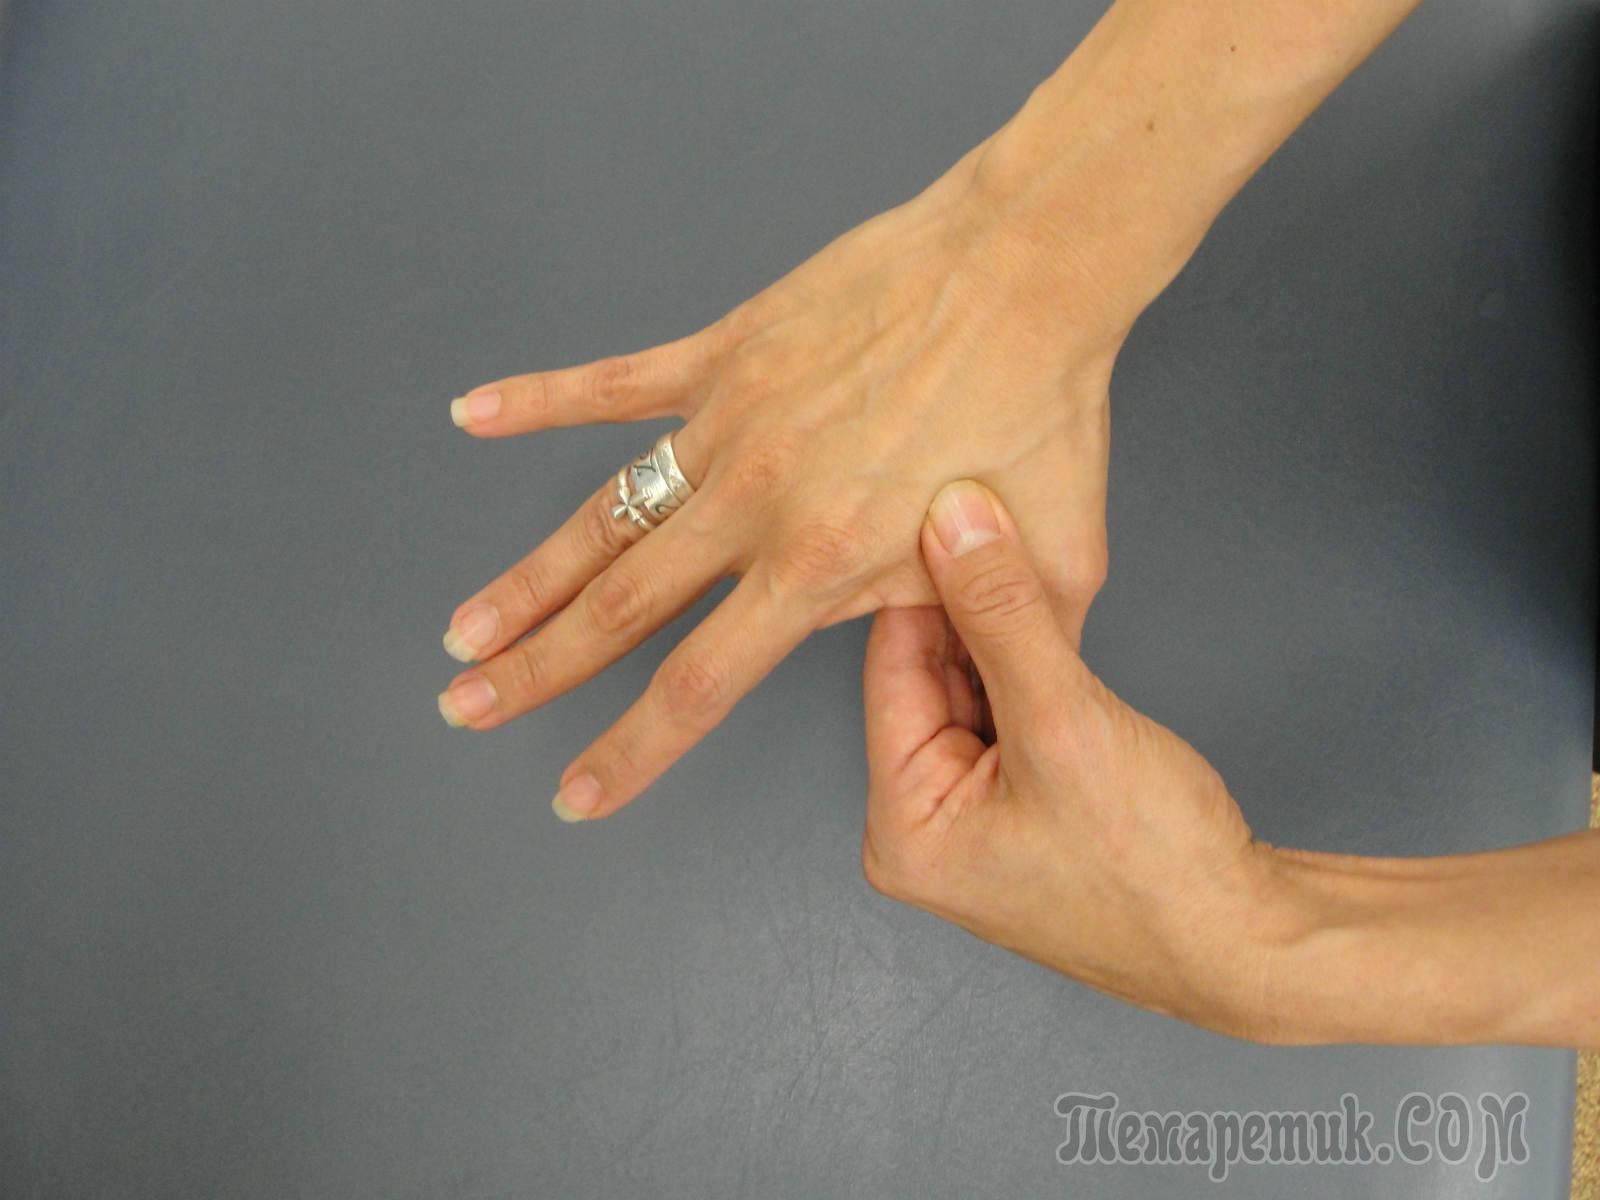 болит суставы пальцев рук к какому врачу обращаться